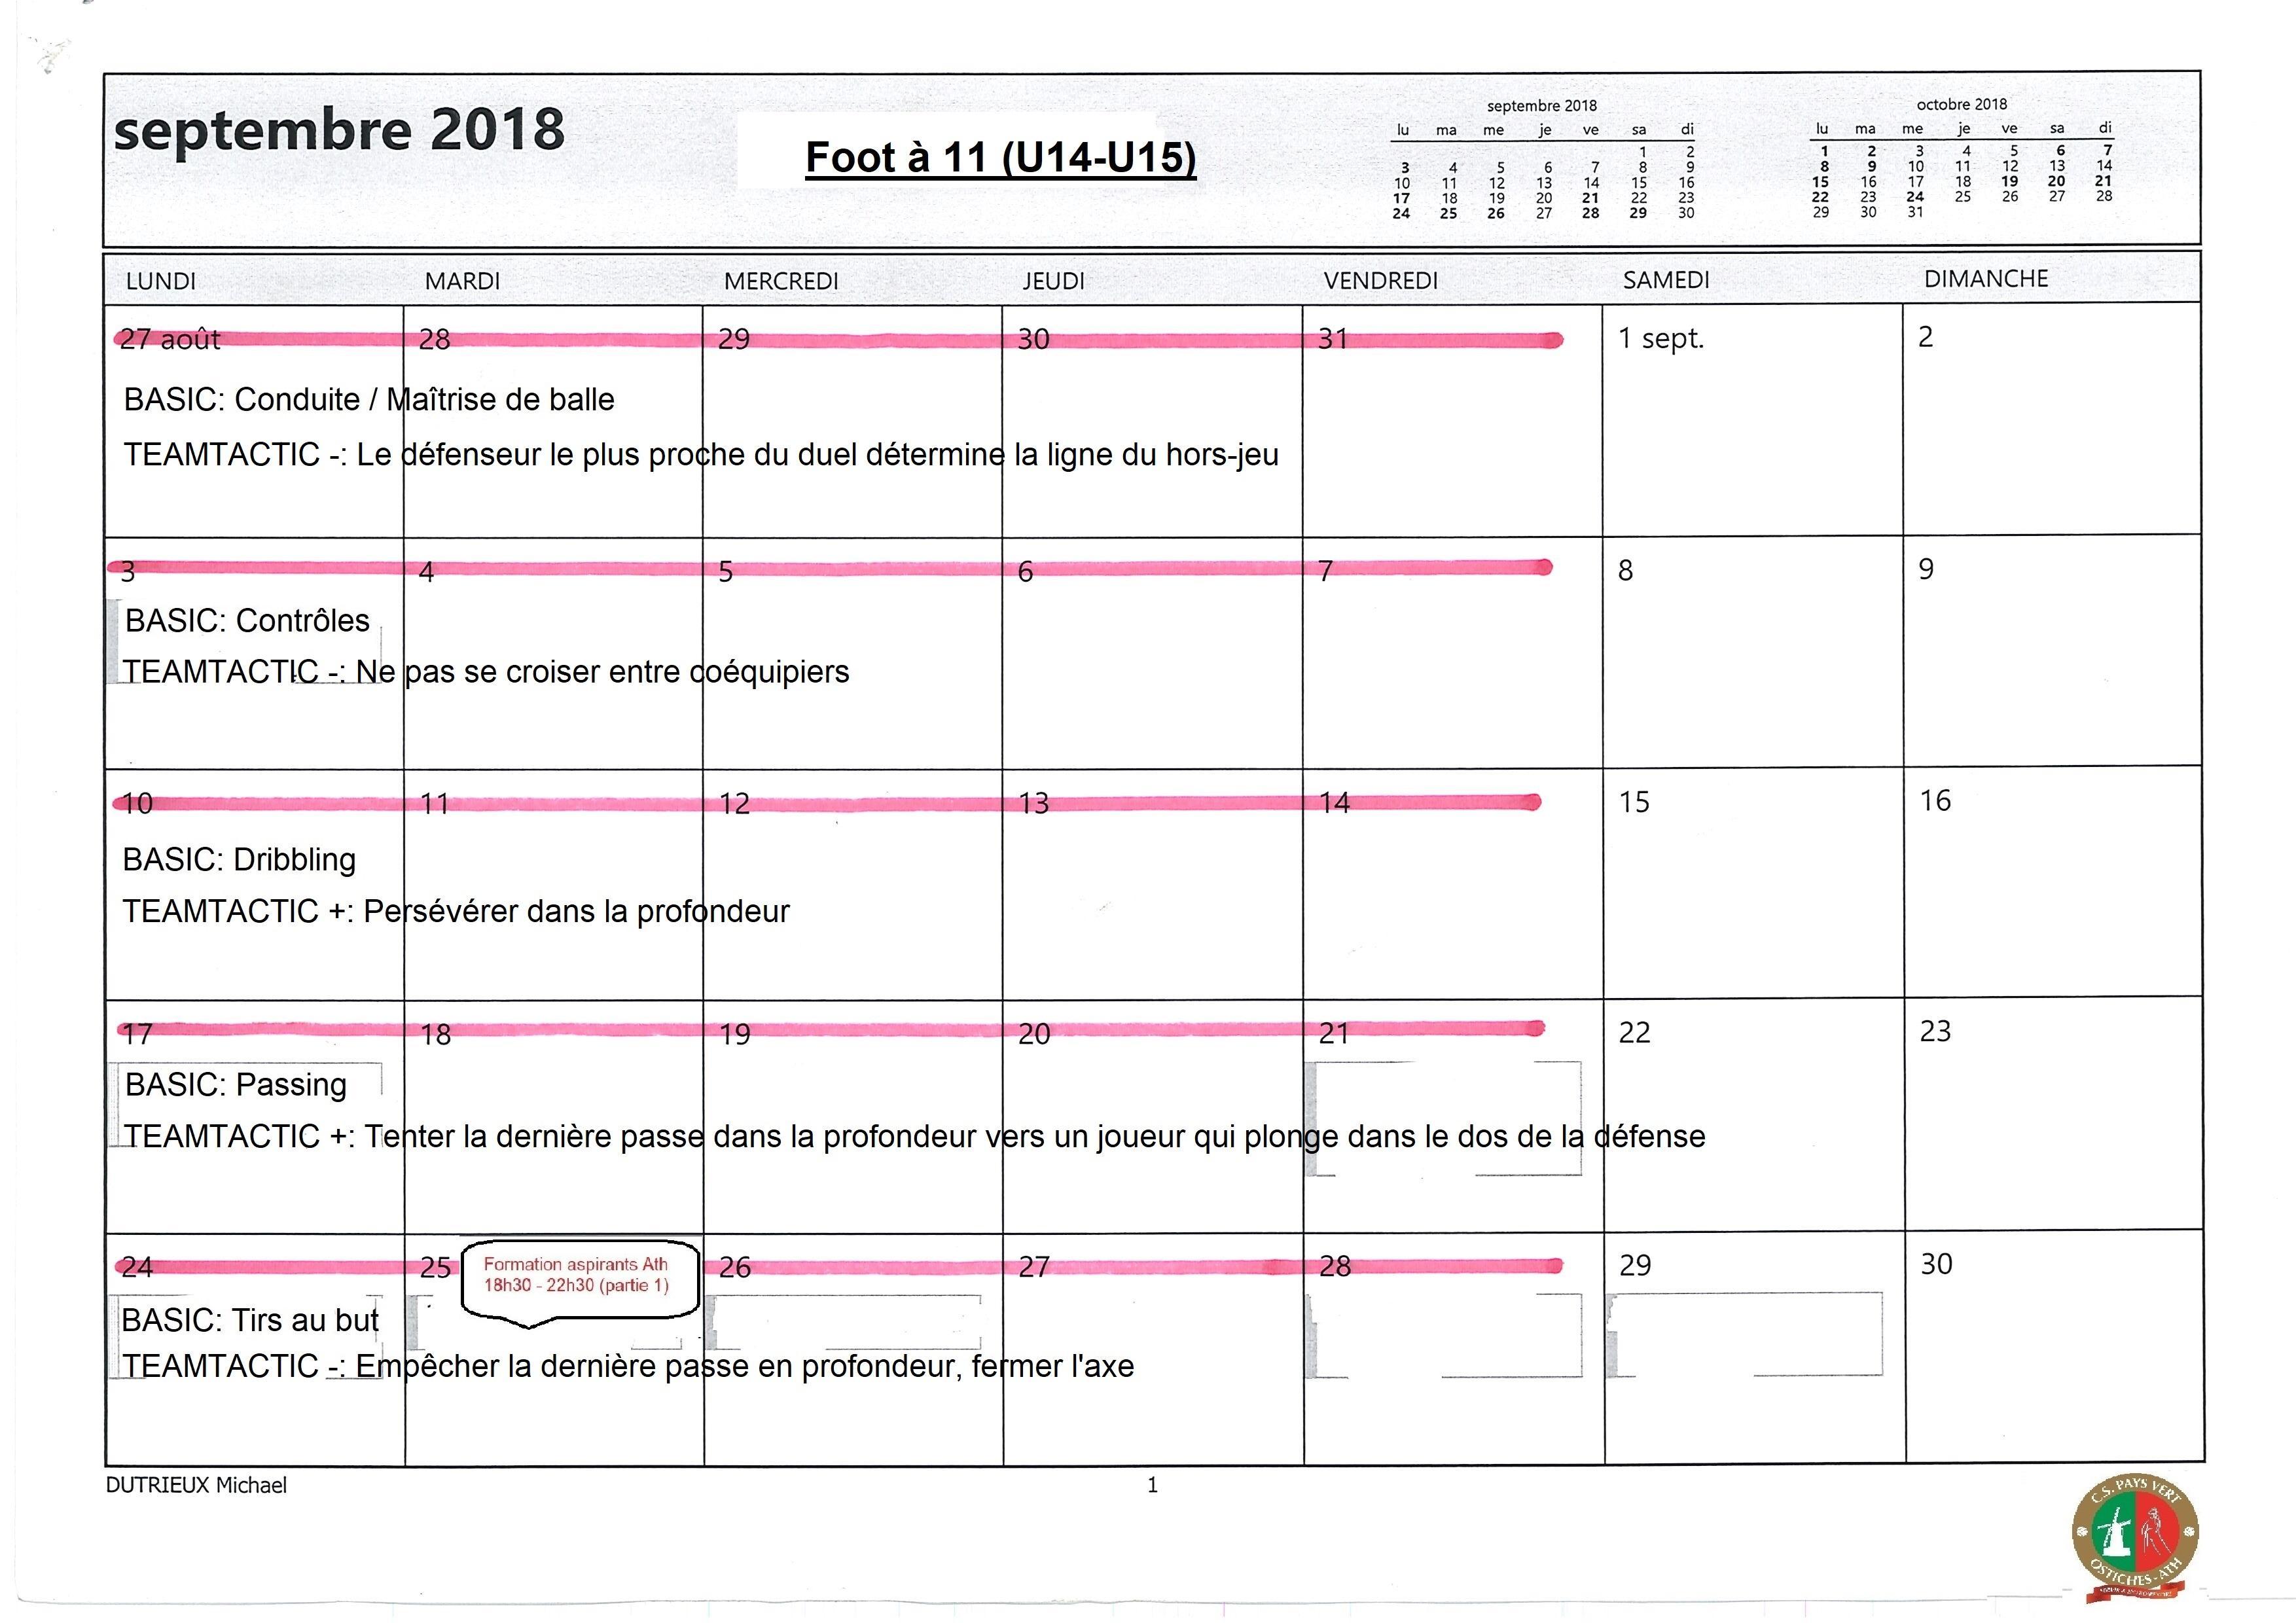 PlanFormation11U1415_1